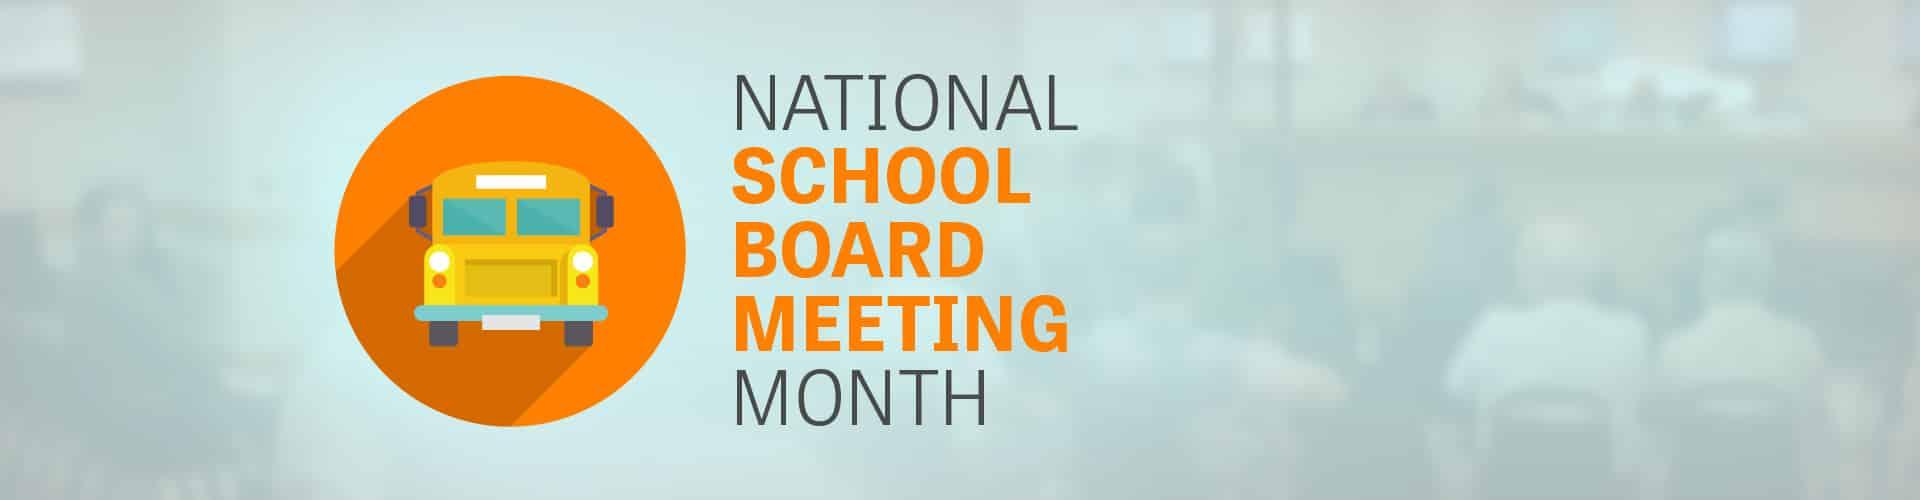 Attend-Schools-Header